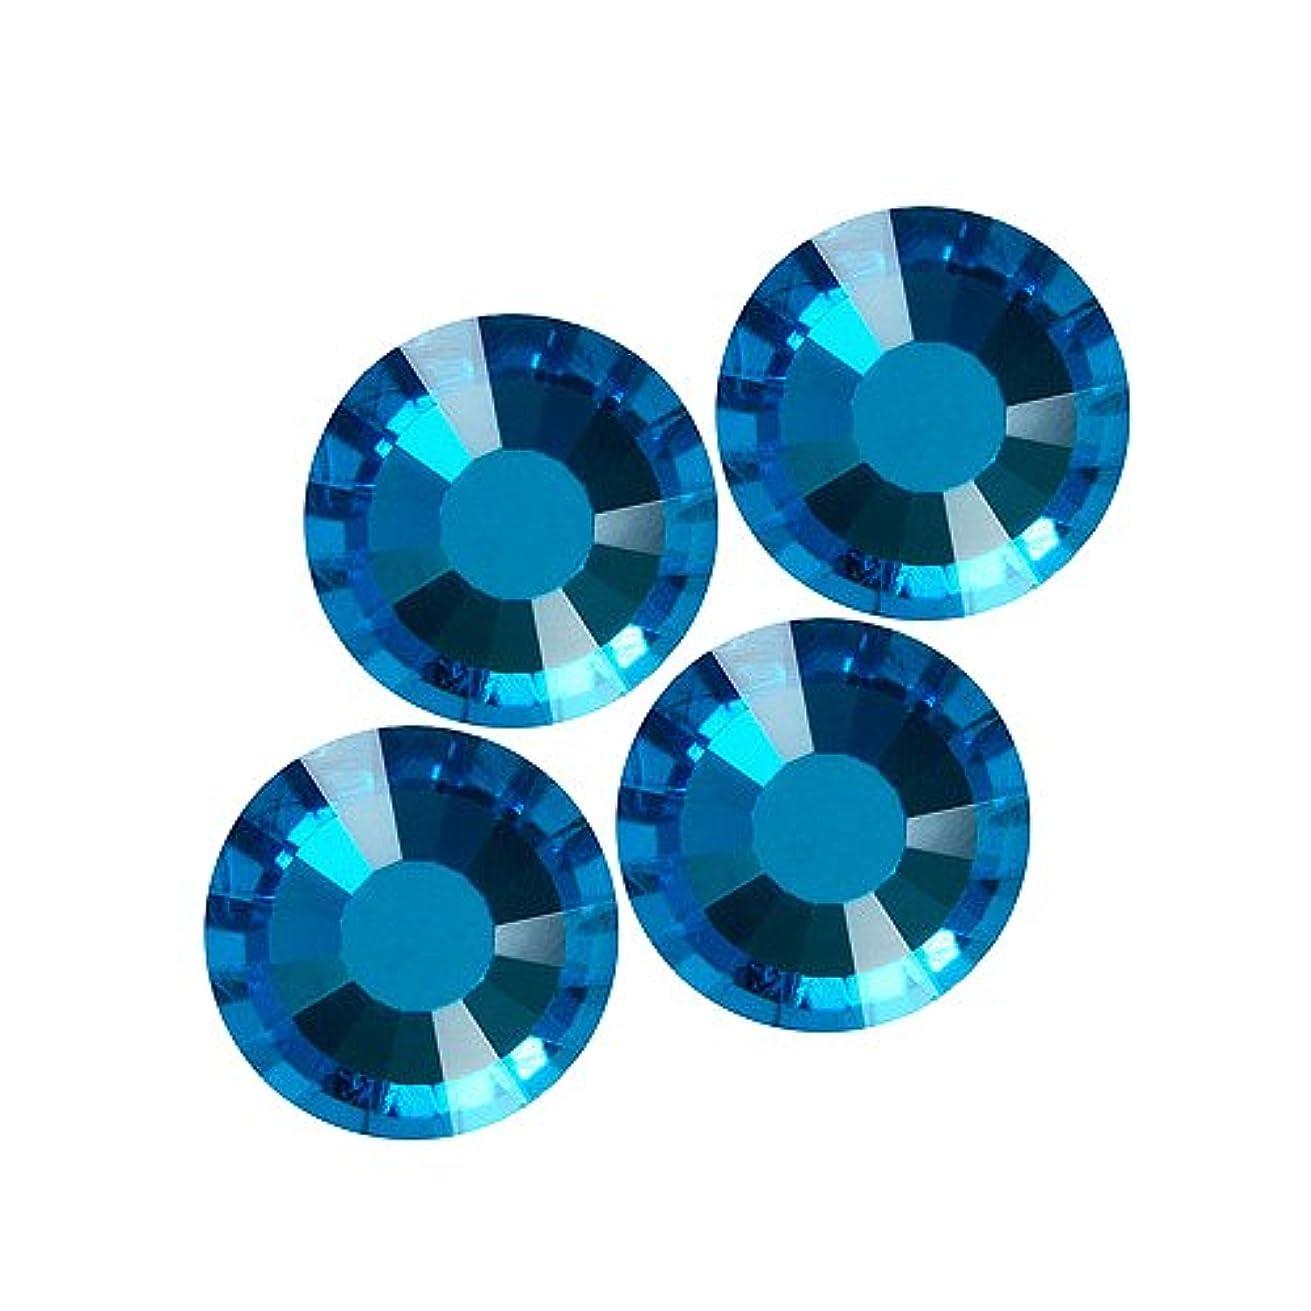 最大限検索少なくともバイナル DIAMOND RHINESTONE ブルージルコン SS8 720粒 ST-SS8-BUZ-5G